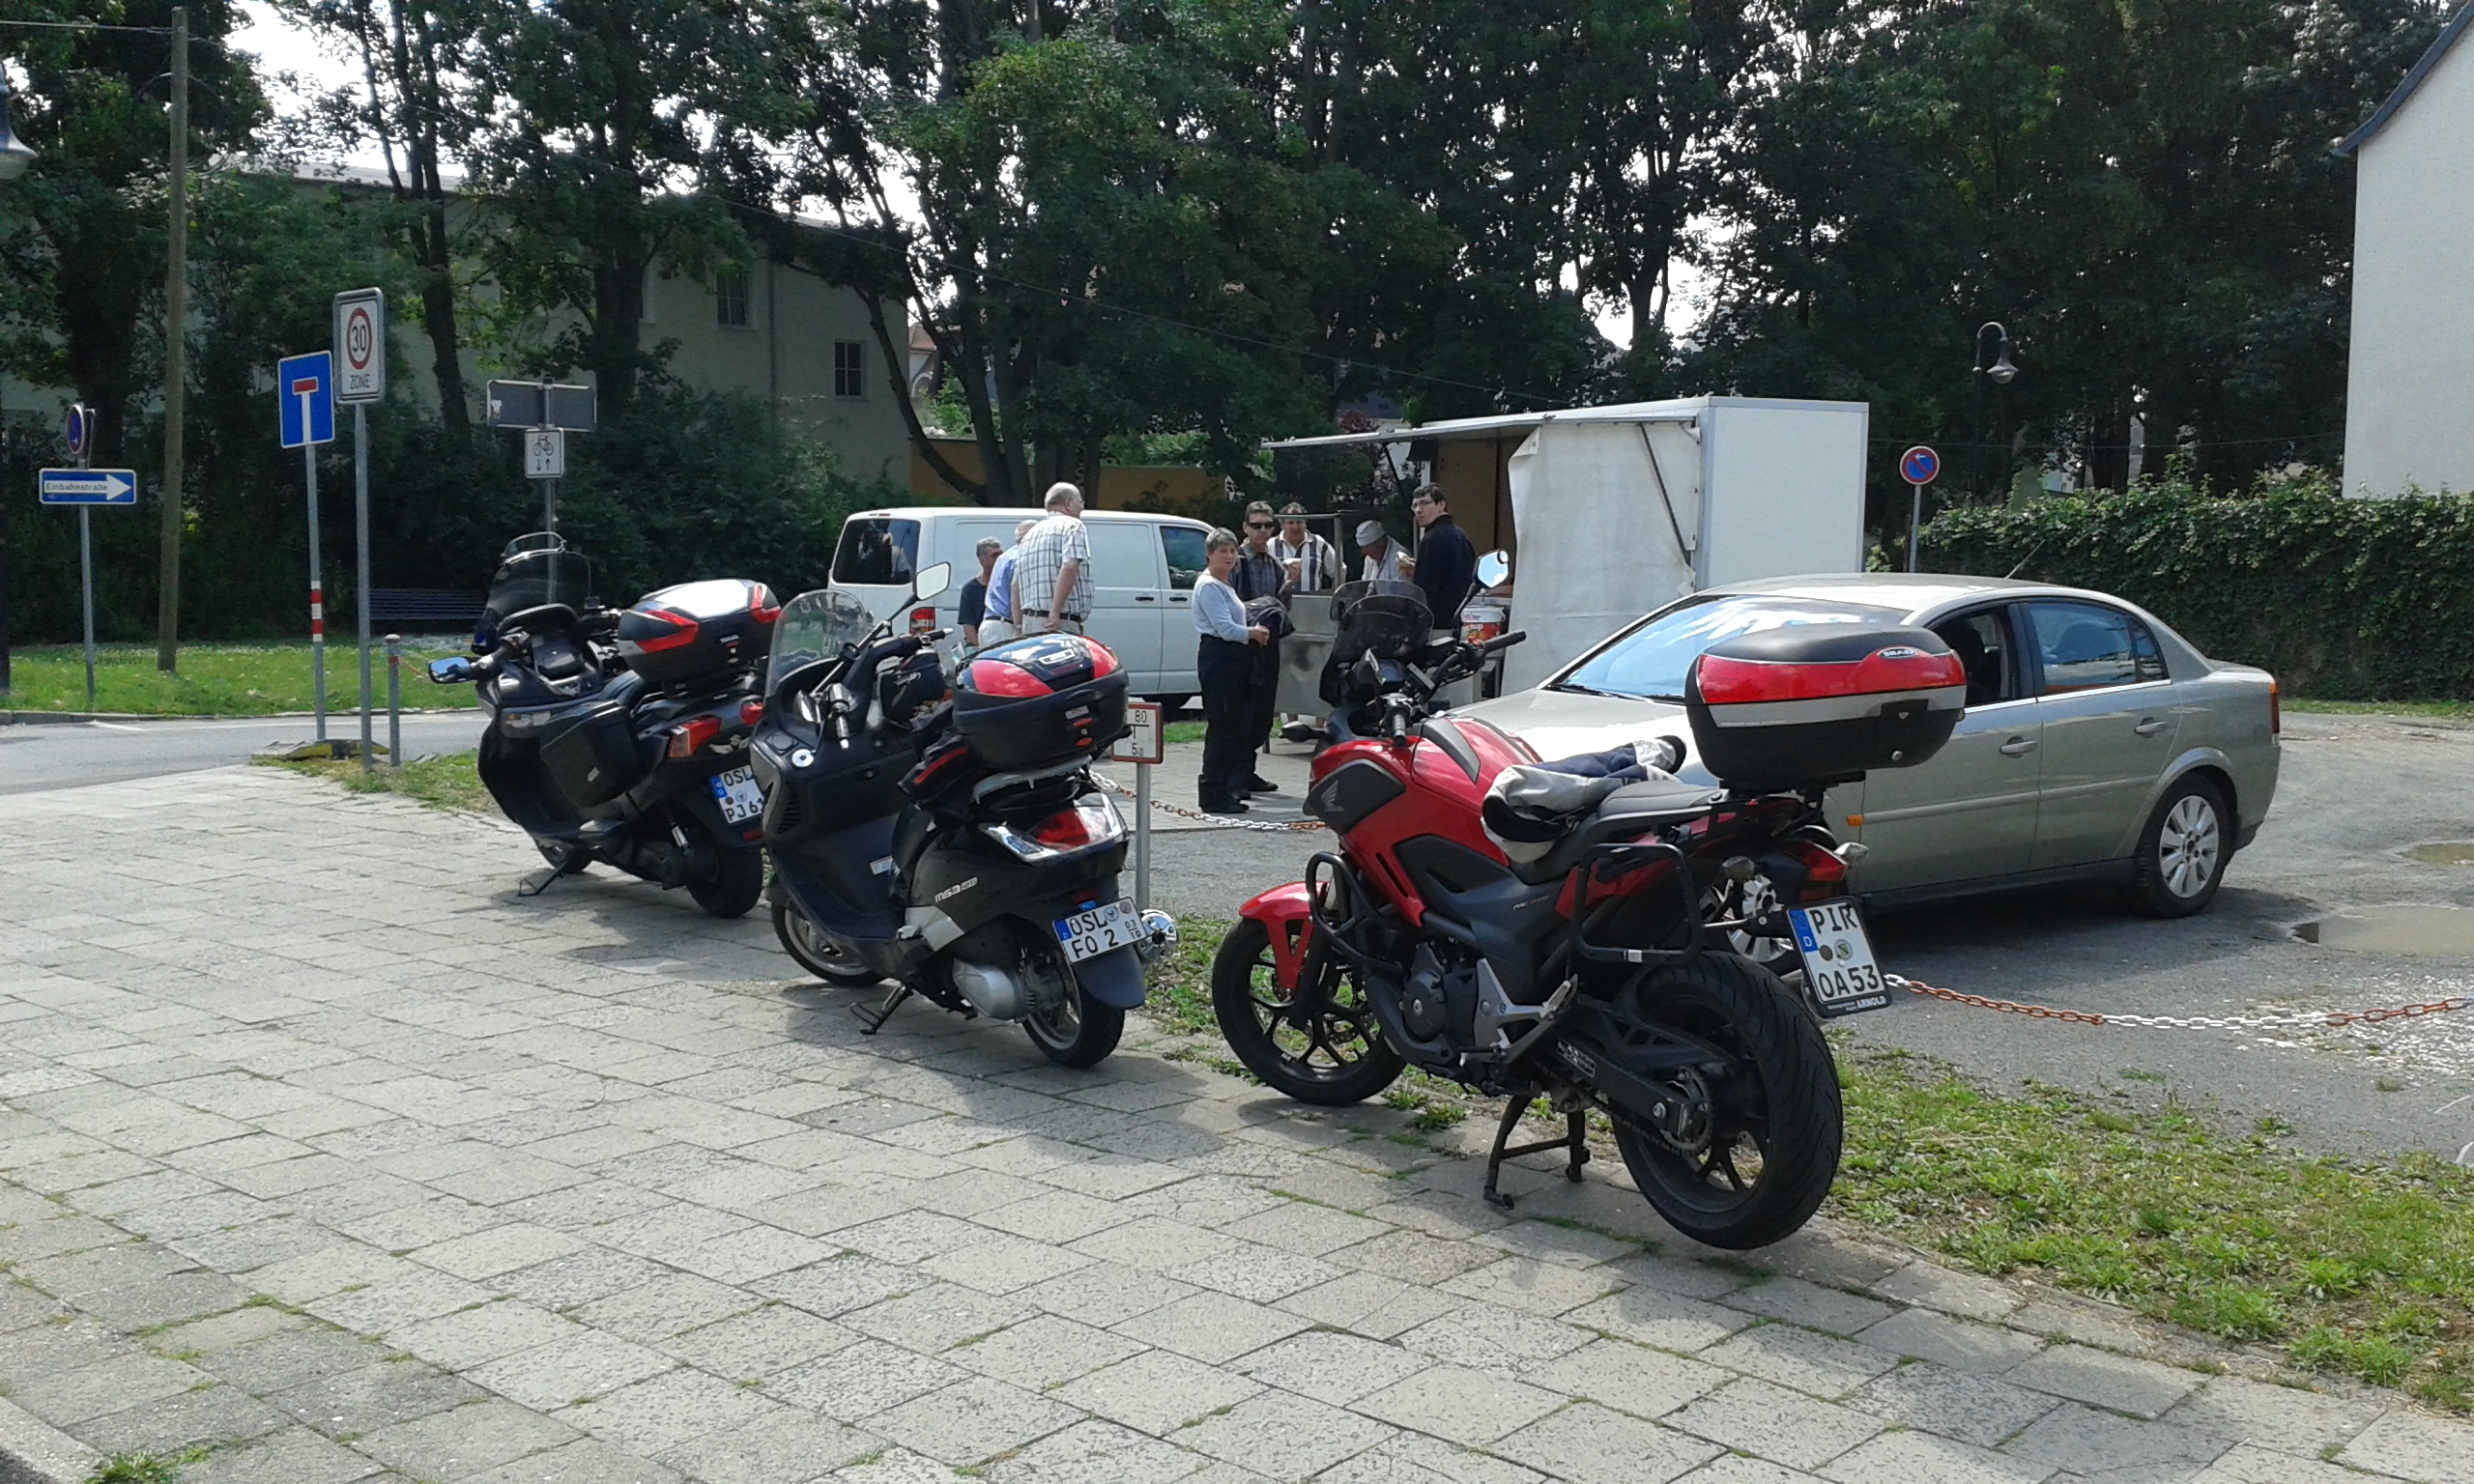 20150720_grillwursttour_eilenburg_002